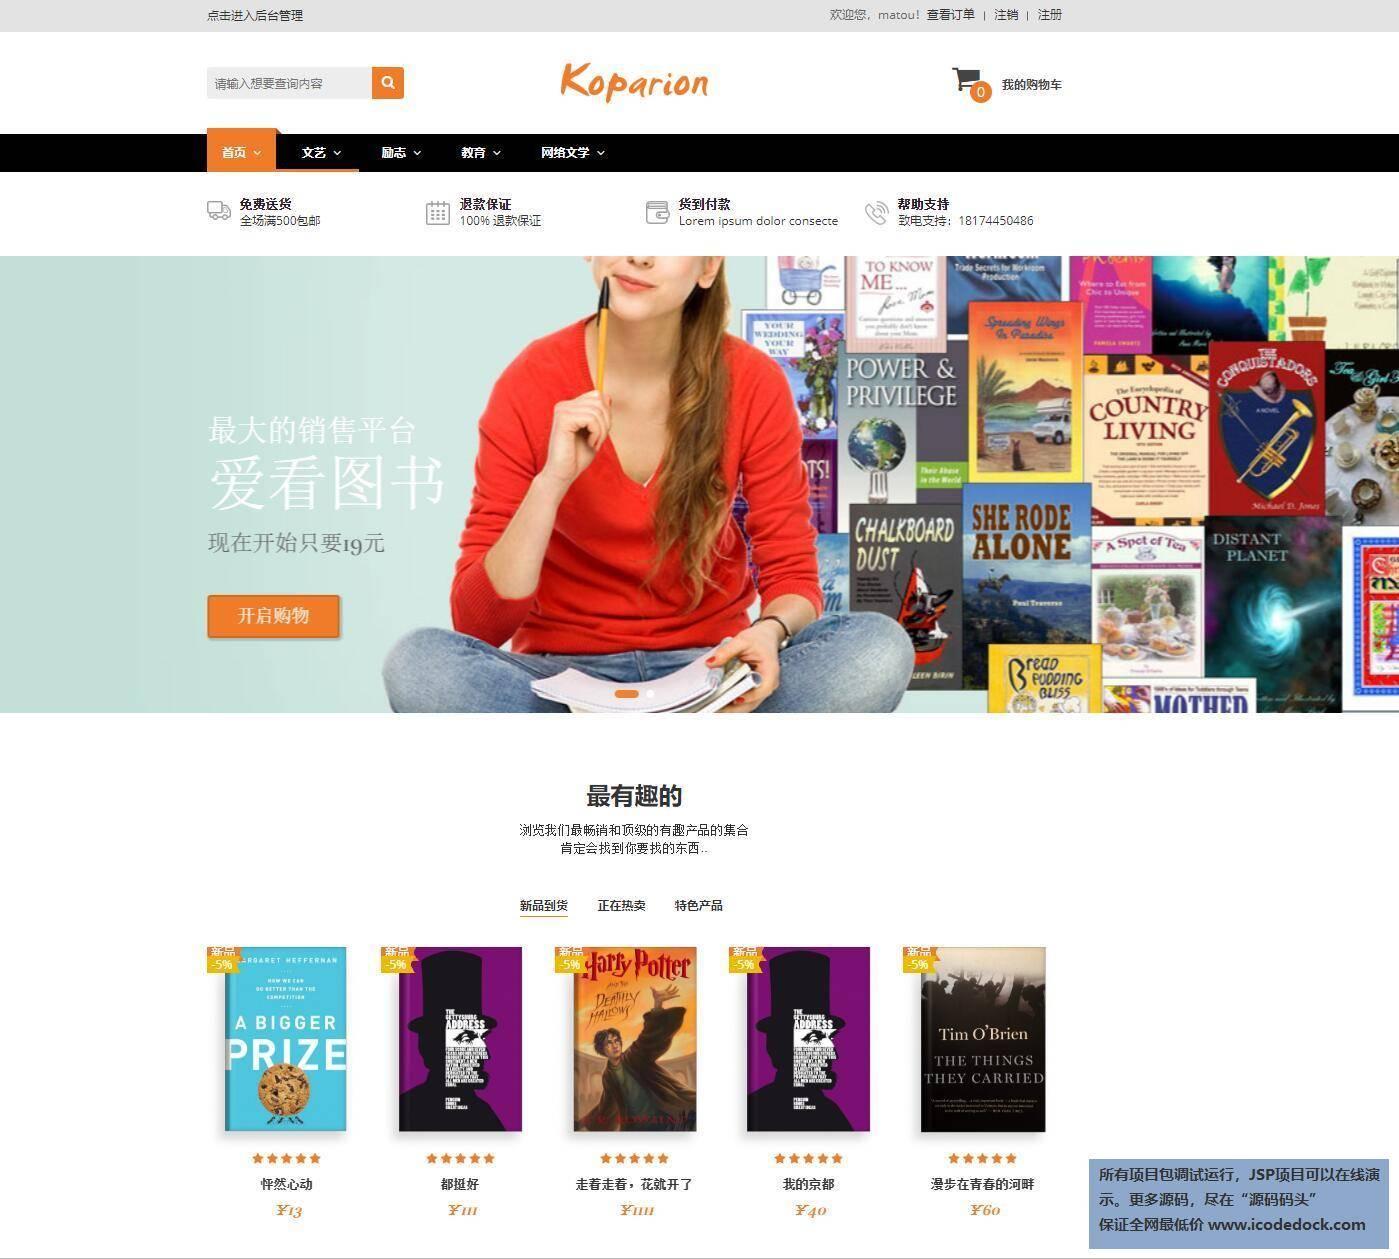 源码码头-JSP图书商城管理系统-用户角色-用户首页